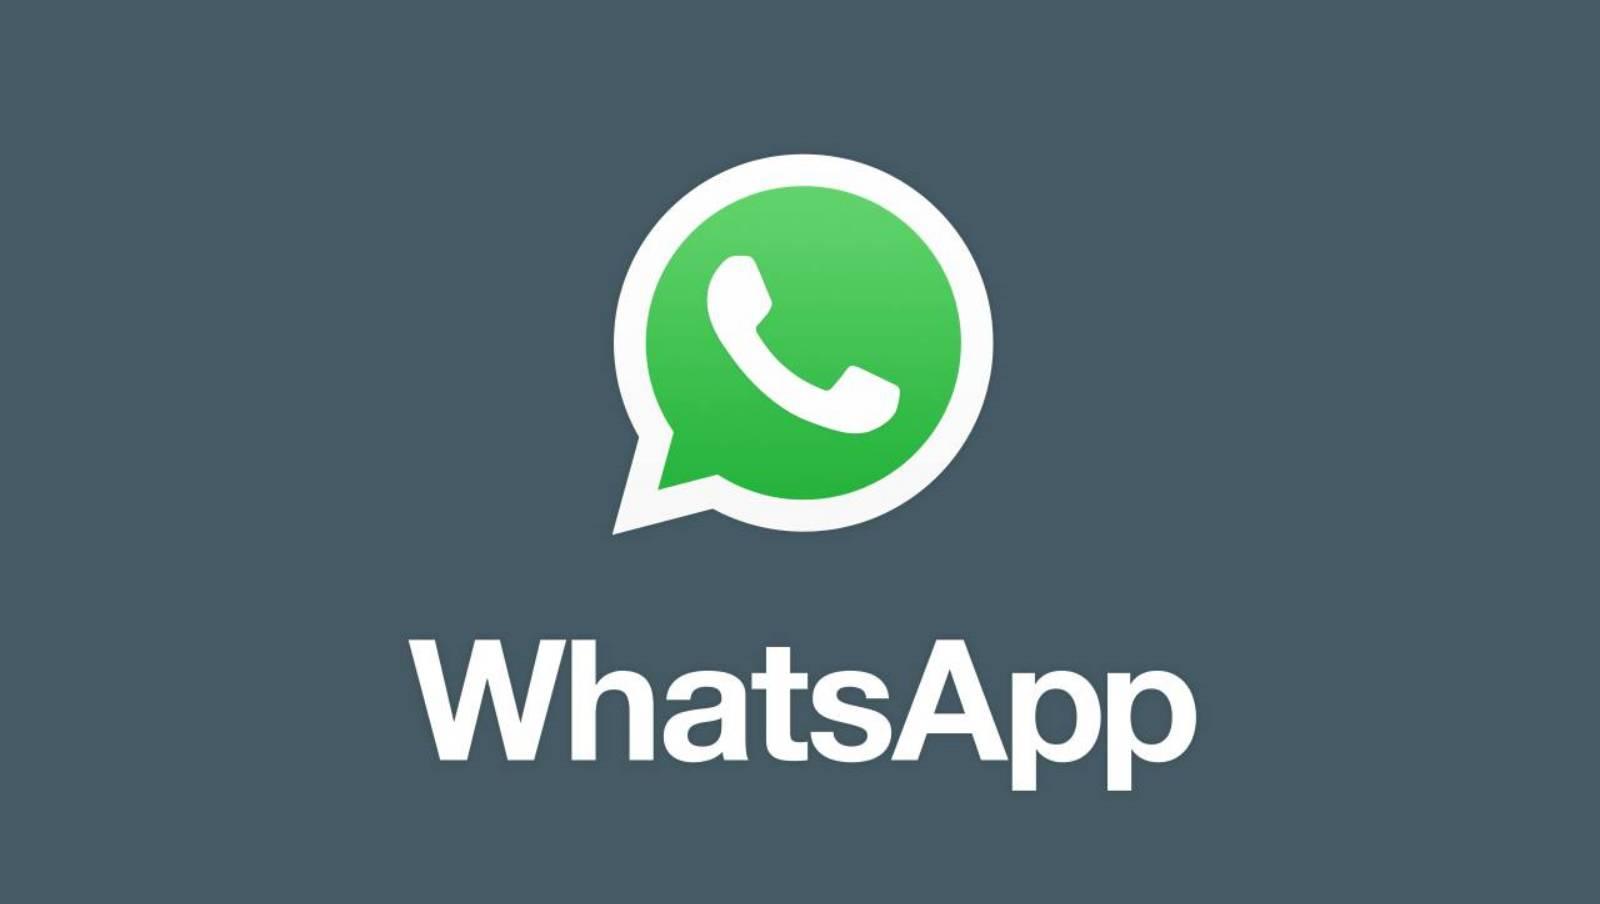 WhatsApp lidl